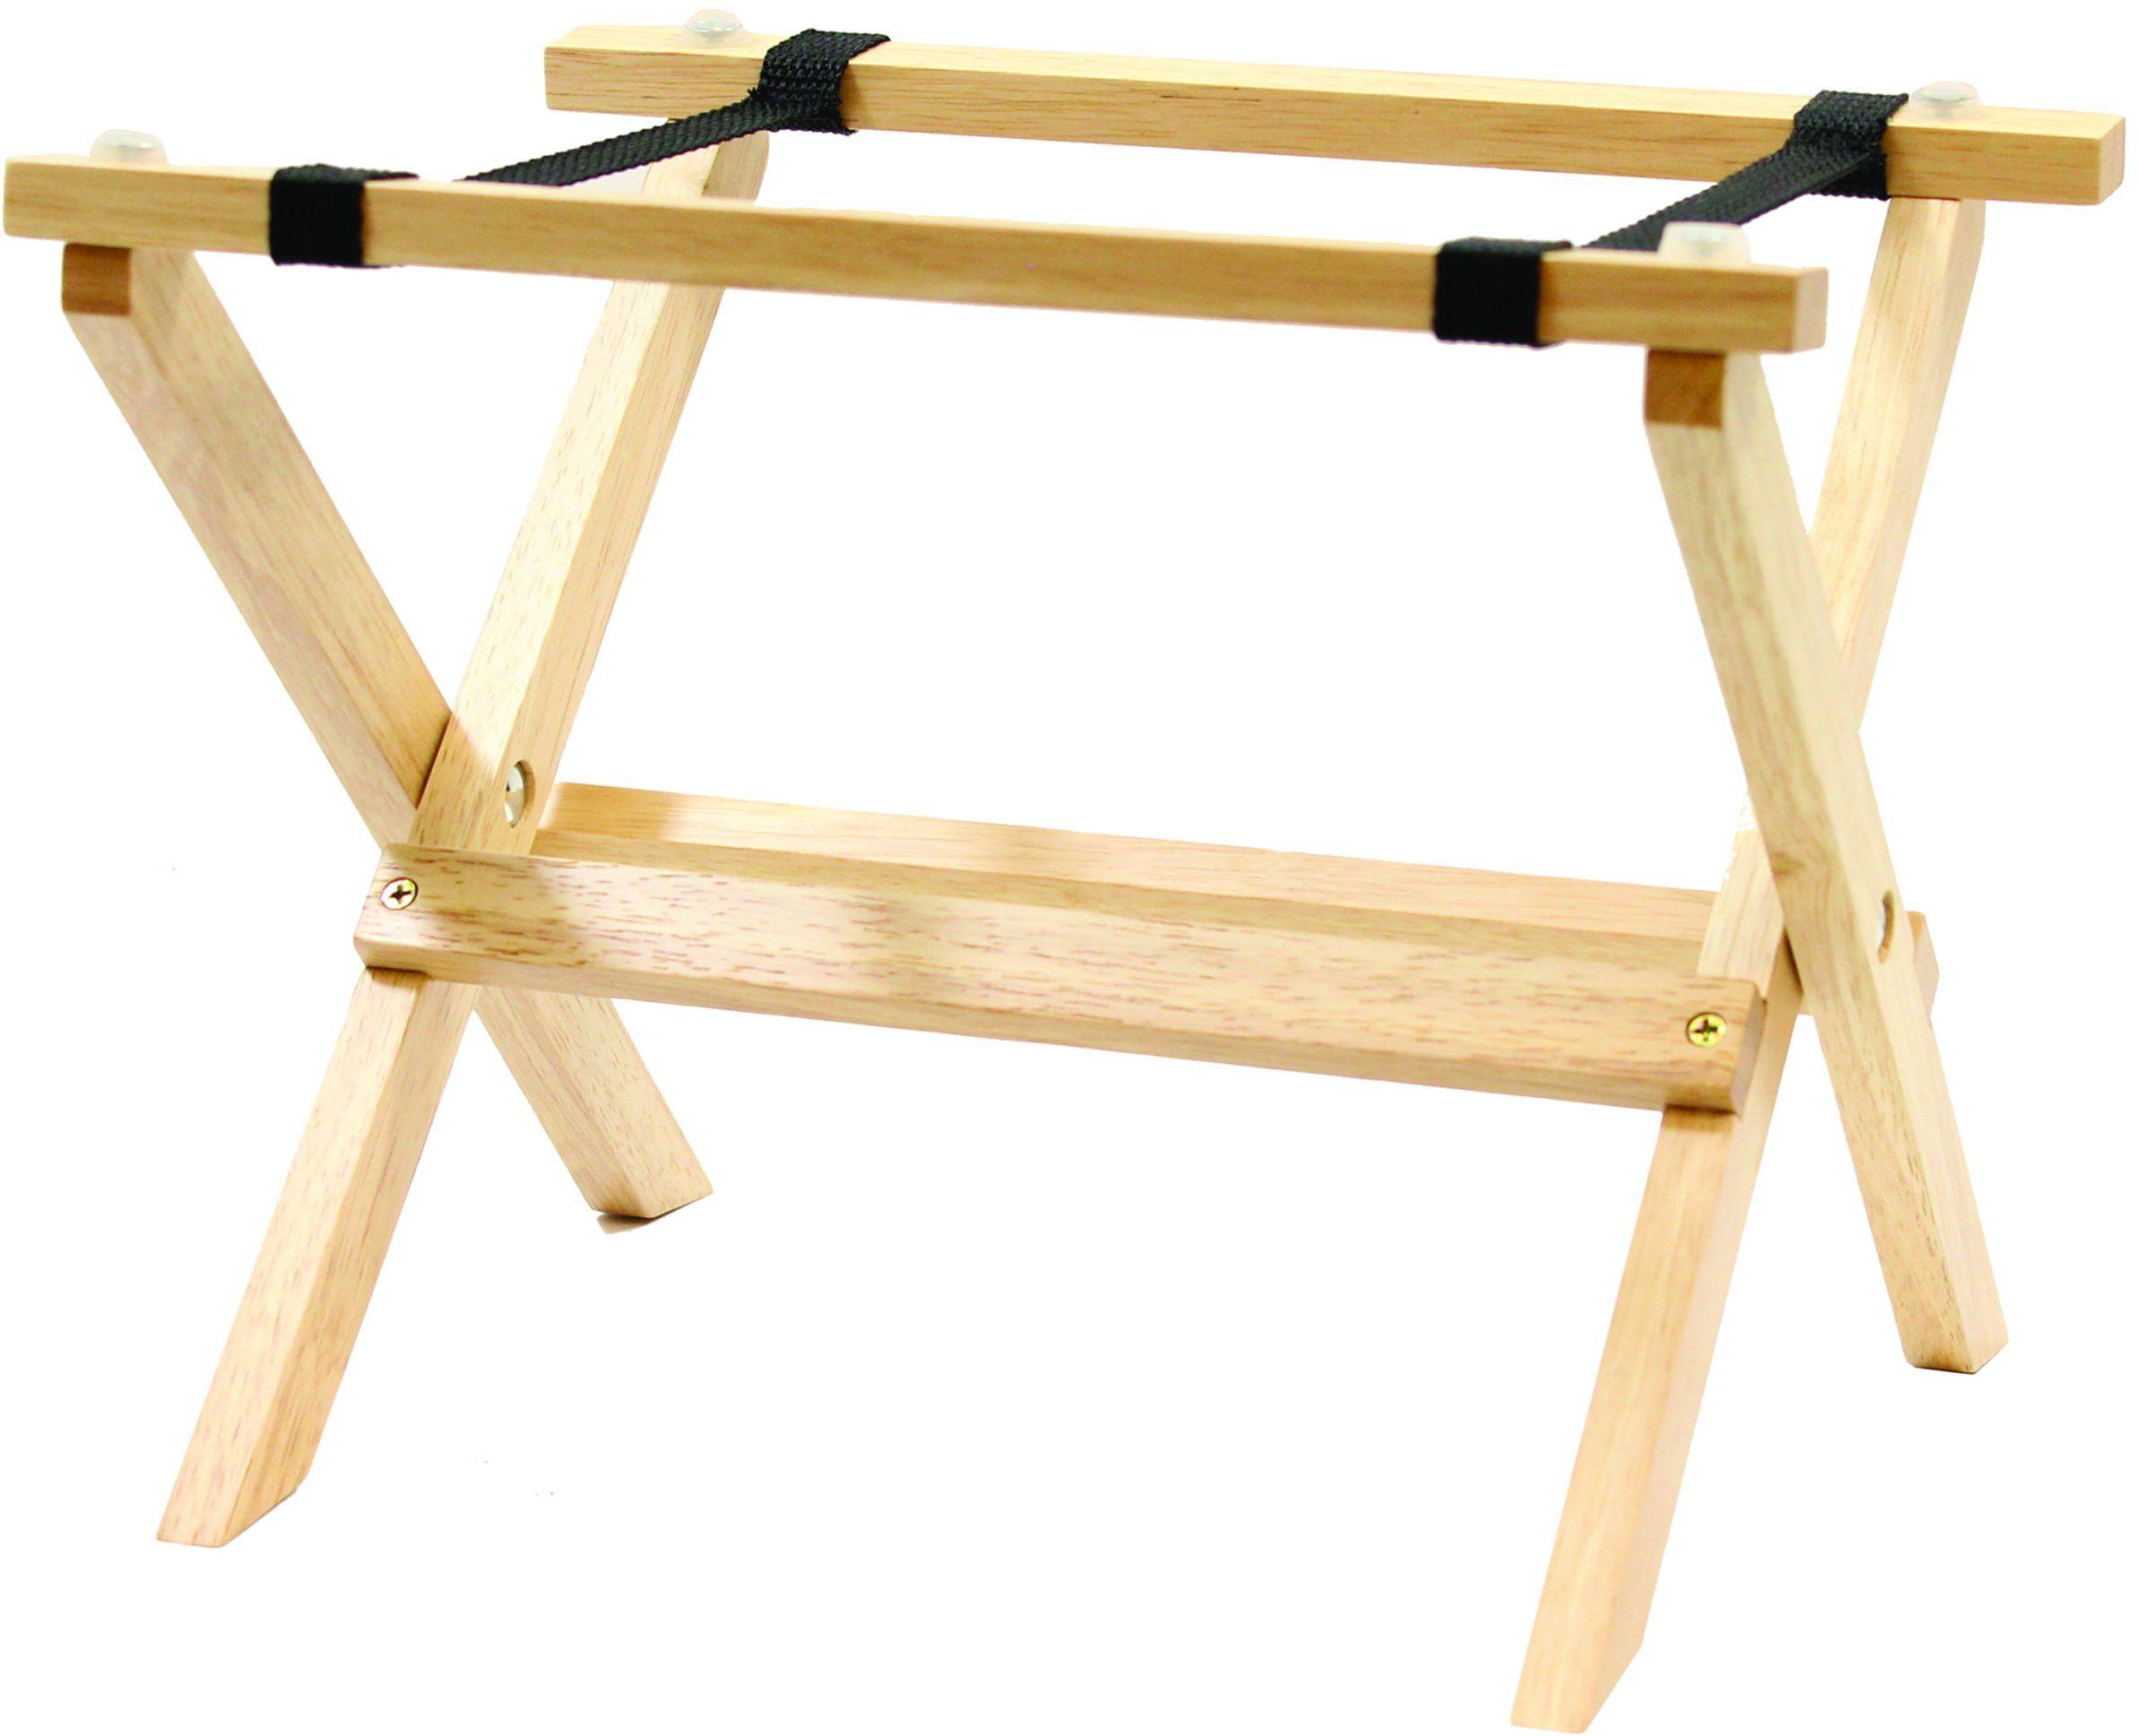 Stolik stołowy z podstawką na stół mini, drewno, naturalny, 30 x 6 x 23,5 cm